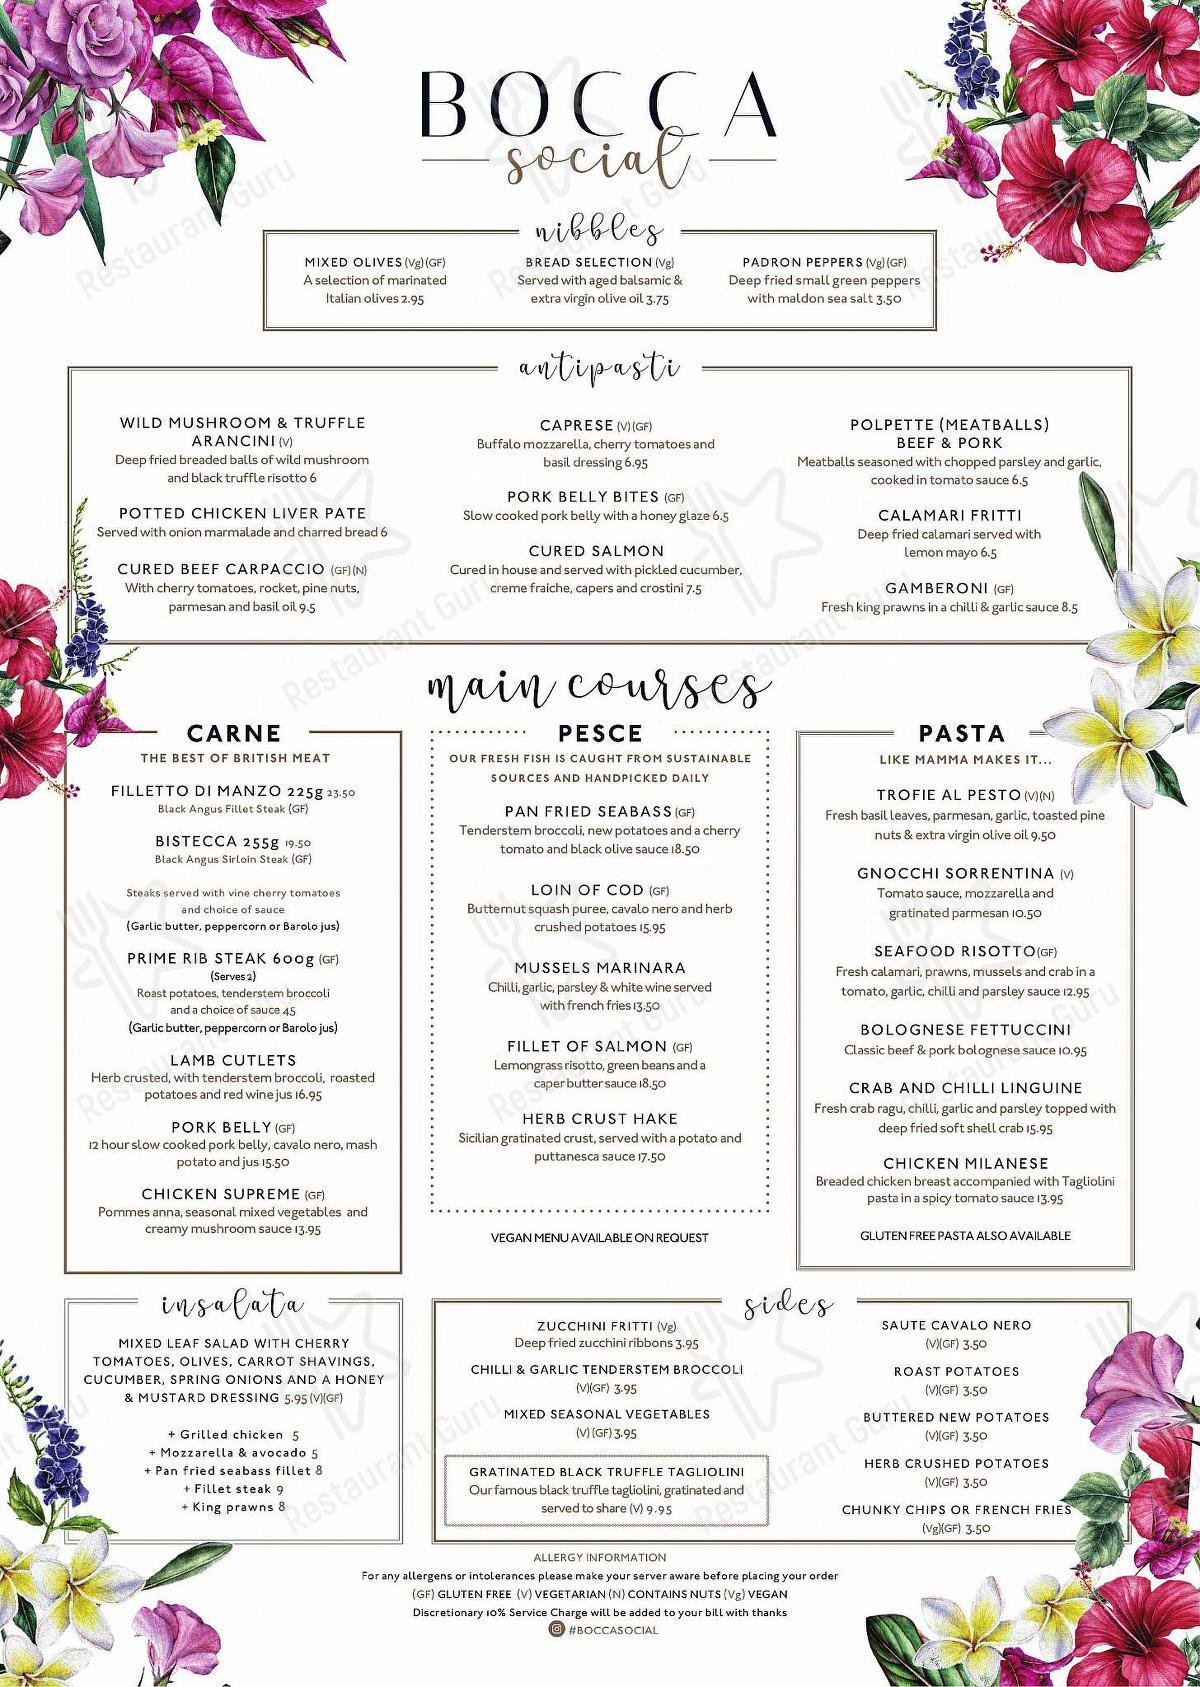 Menu for the Bocca Social restaurant